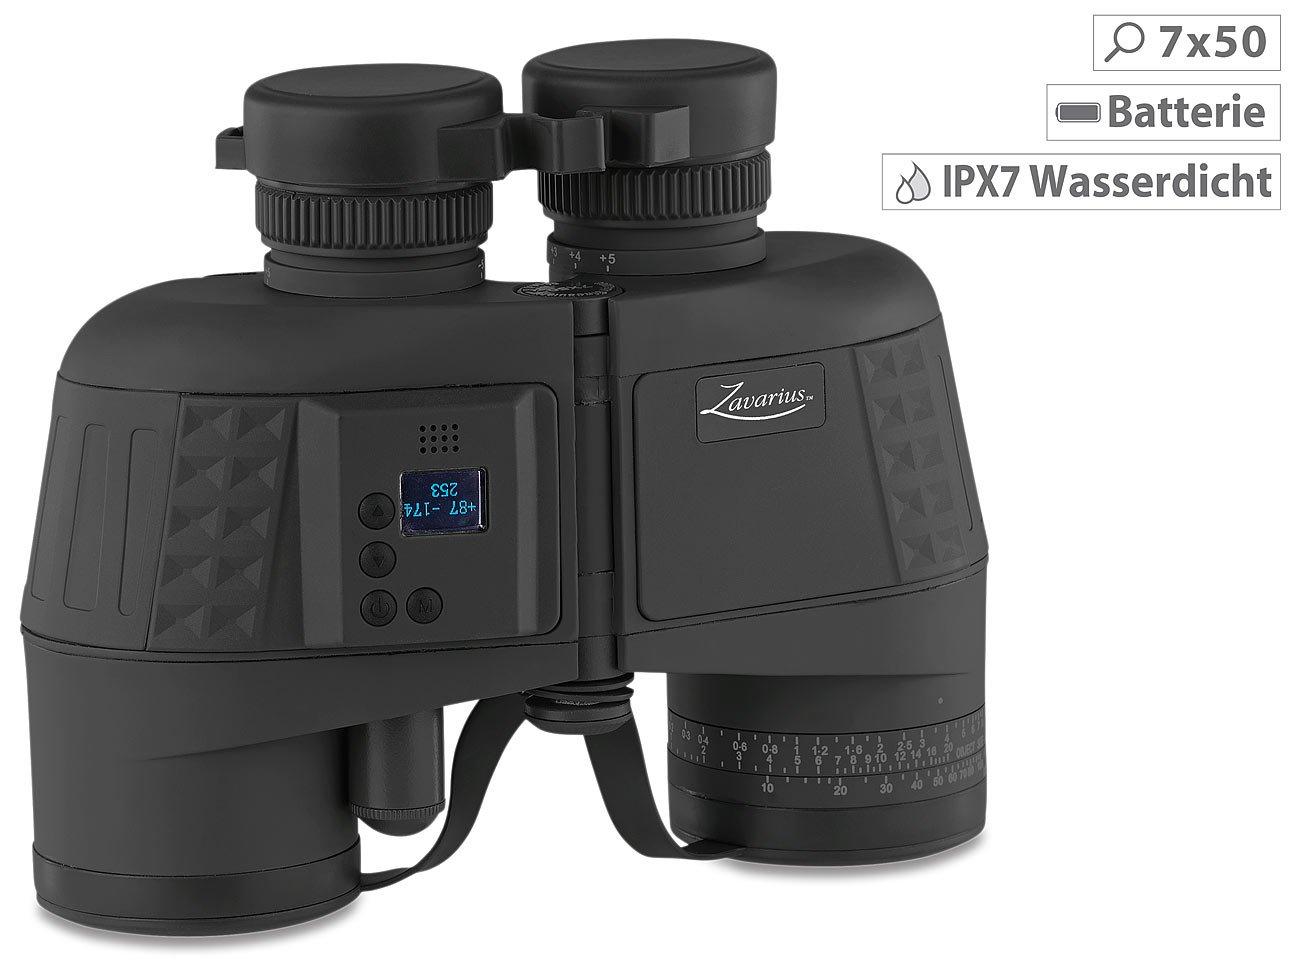 Fernglas Mit Kompass Und Entfernungsmesser Test : Zavarius entfernungsmesser wasserdichtes amazon elektronik